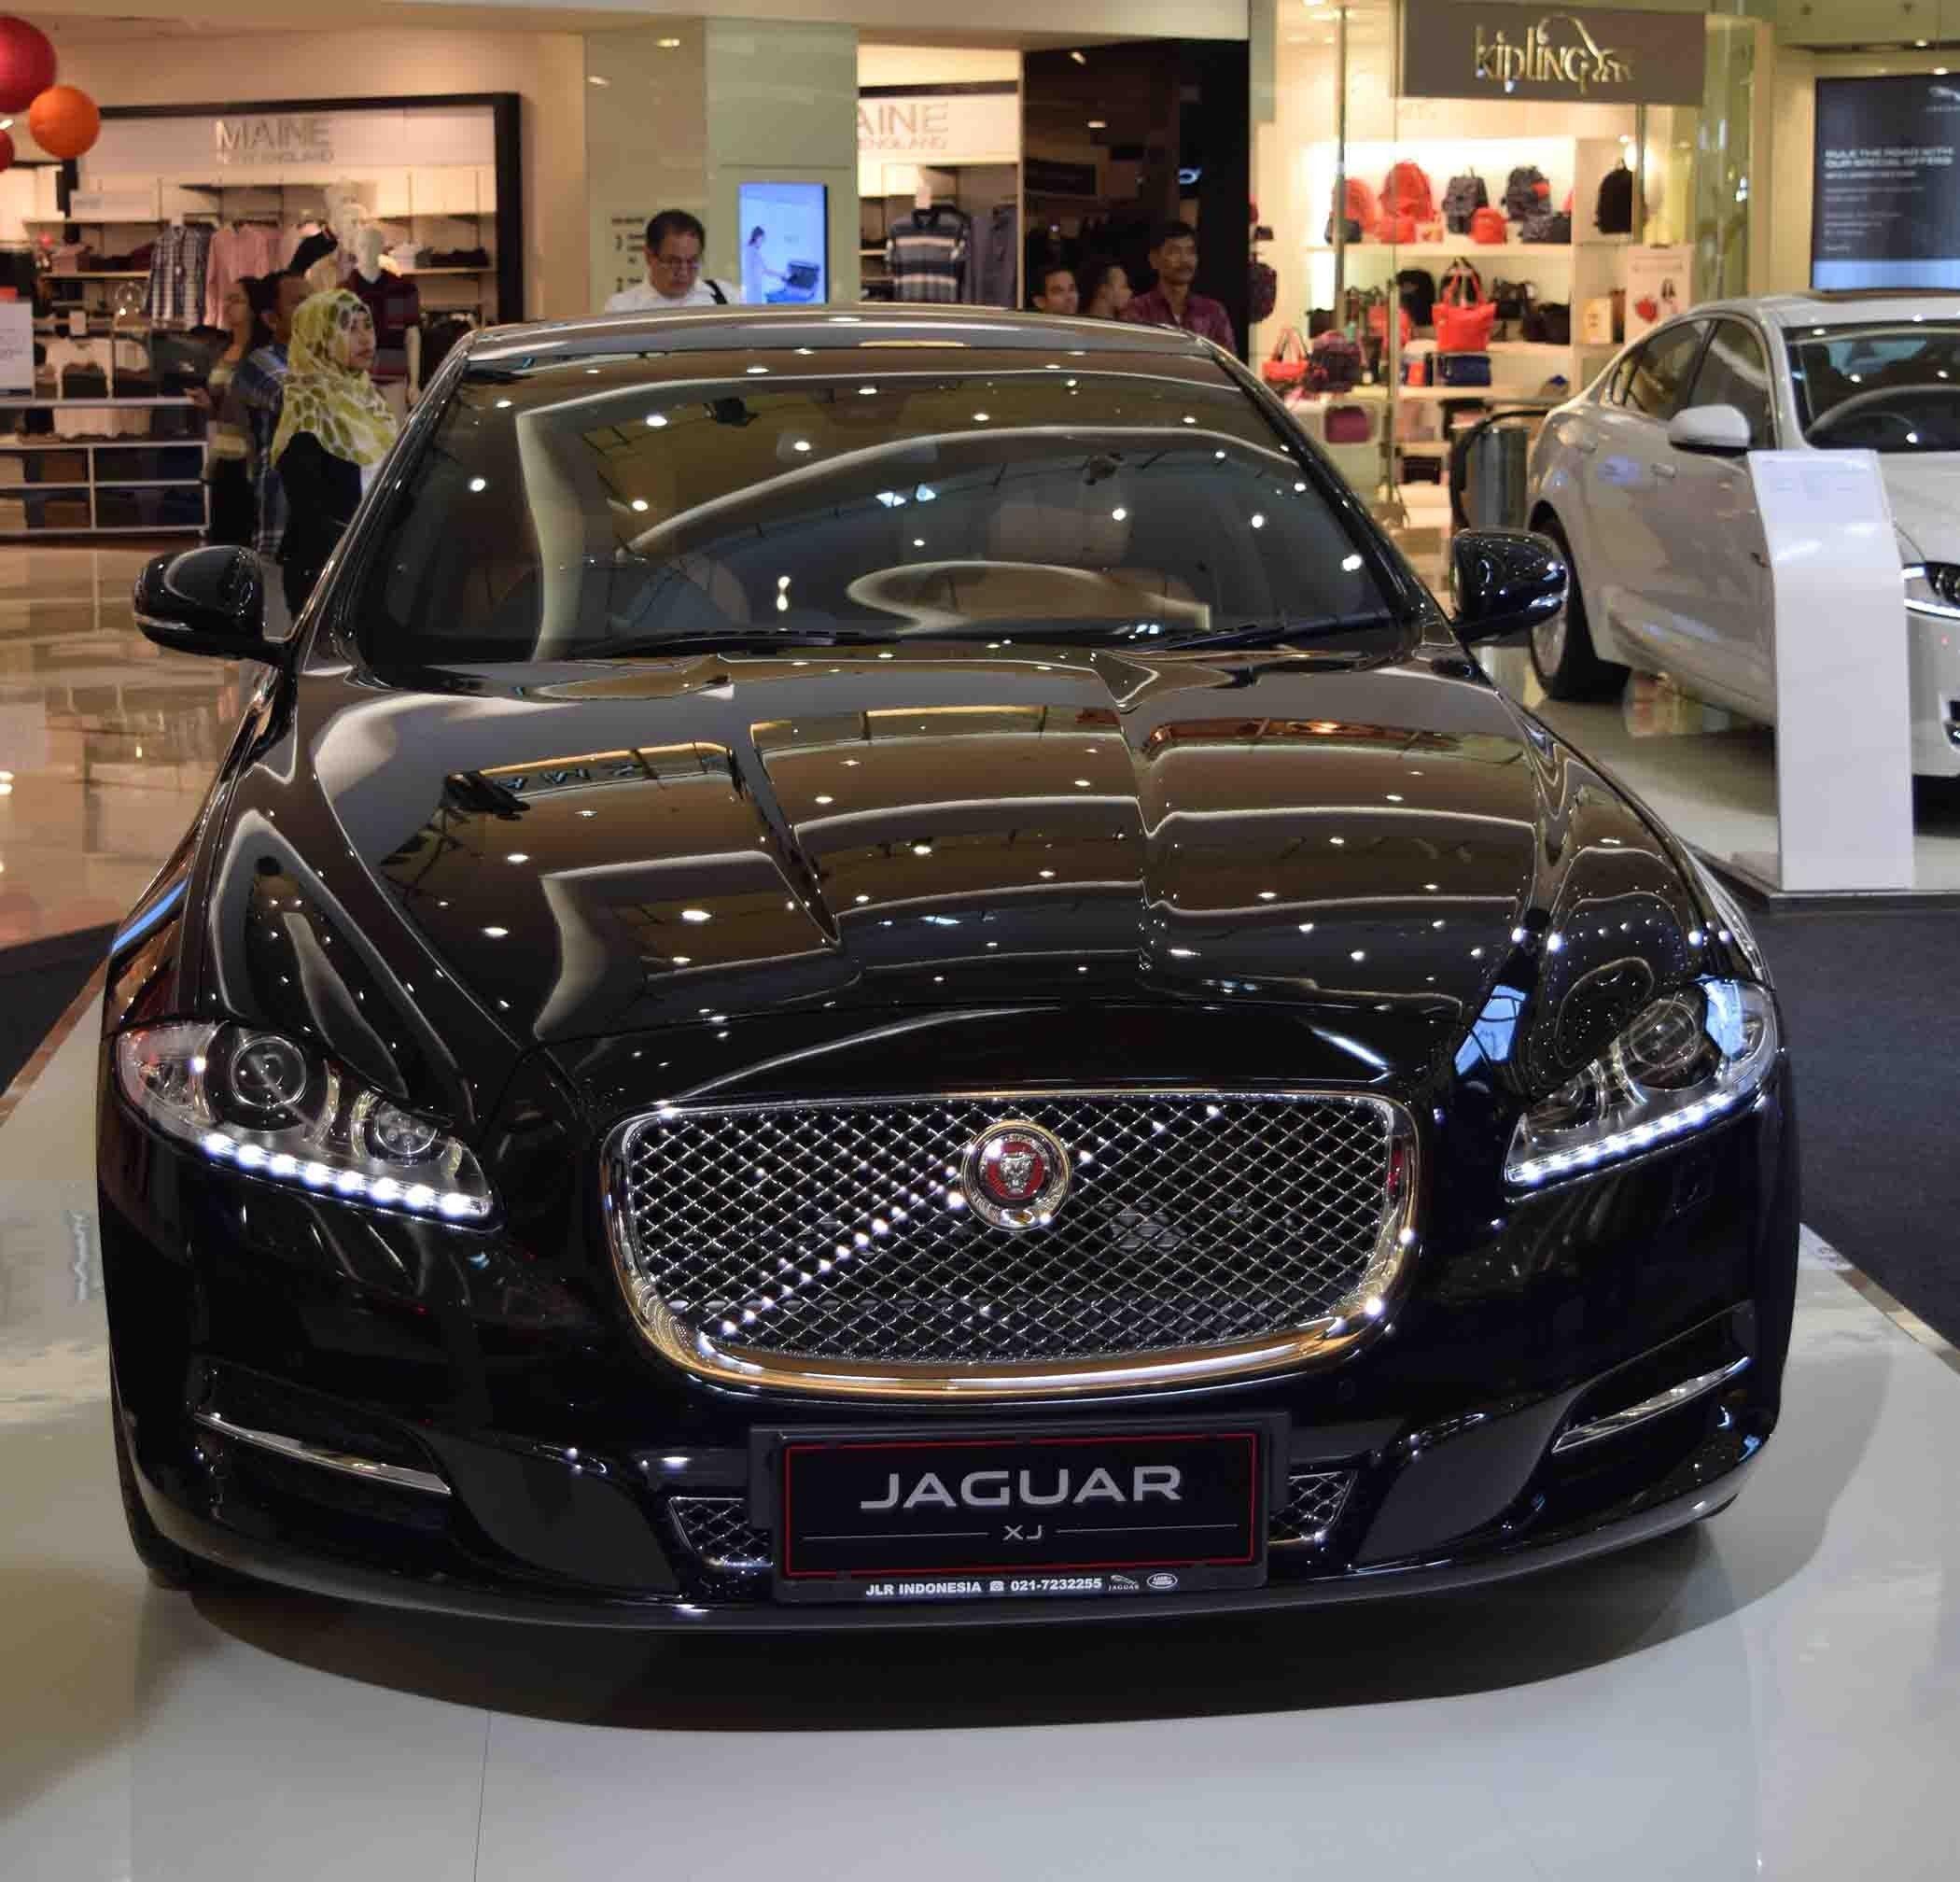 Modifikasi Mobil Jaguar Murah Jaguar Car Jaguar Bmw Car